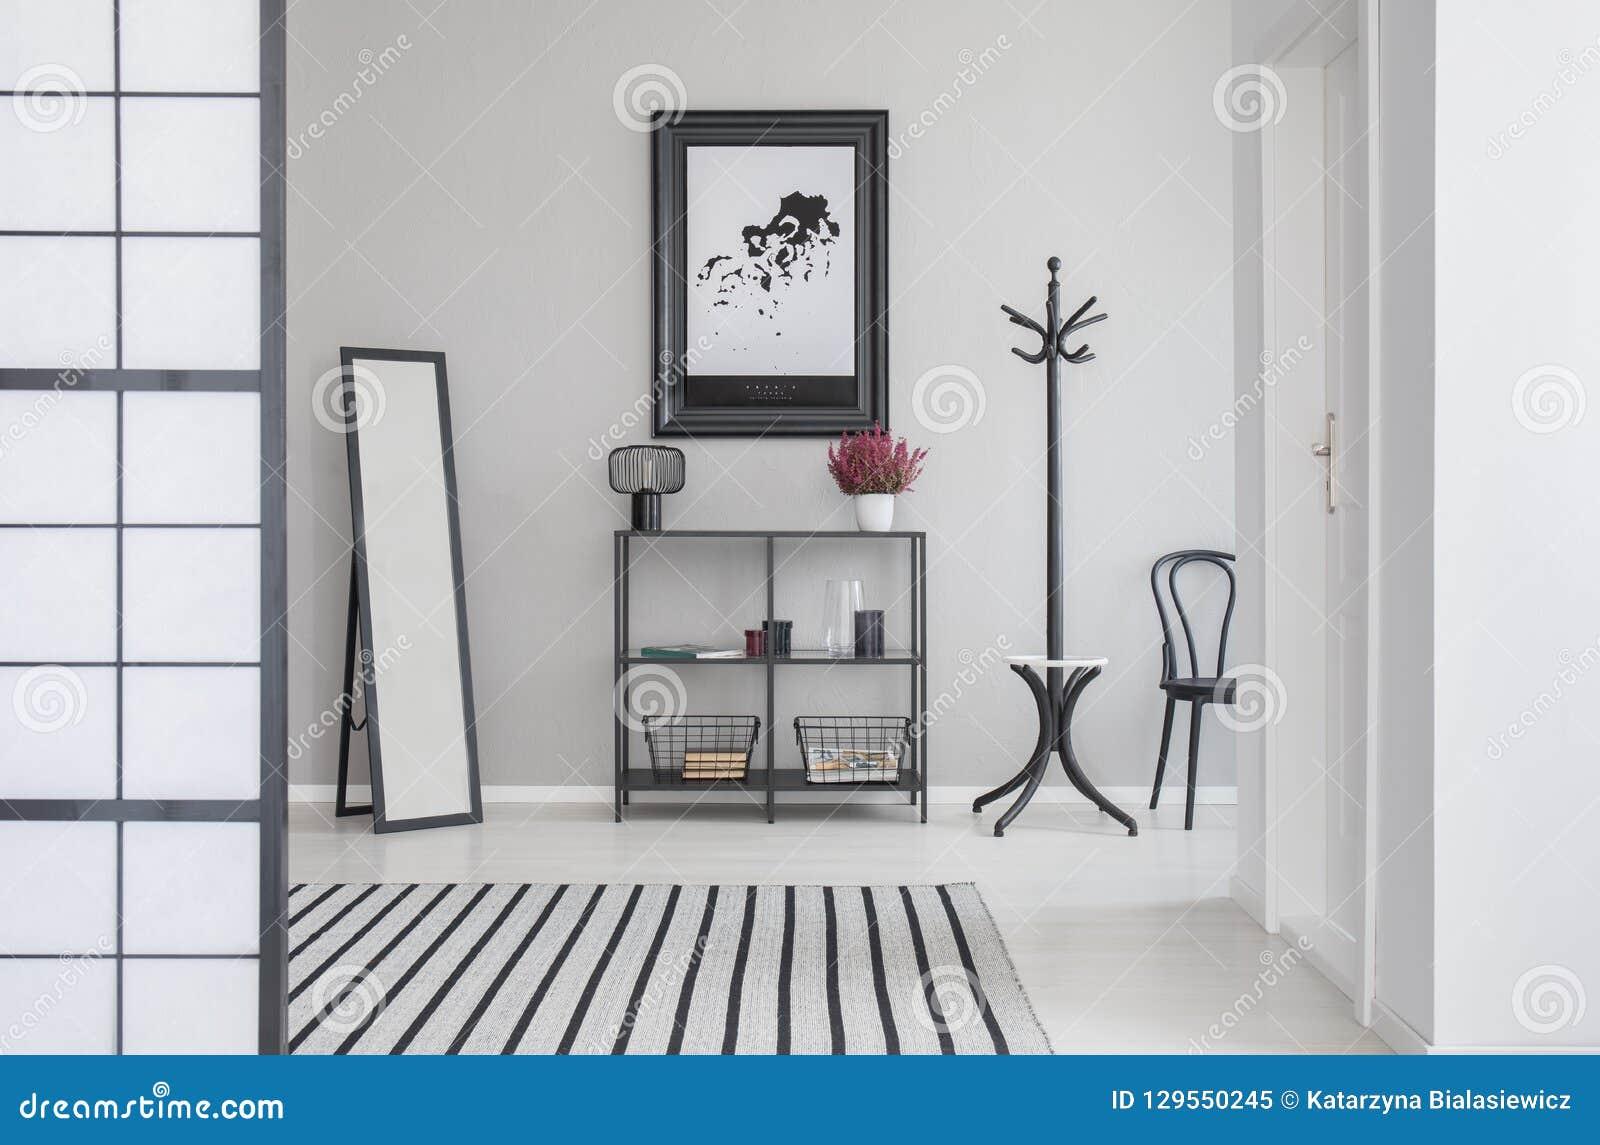 Mapa w czerni ramie na popielatej ścianie korytarz z lustrem, półką, wieszakiem i włosy,